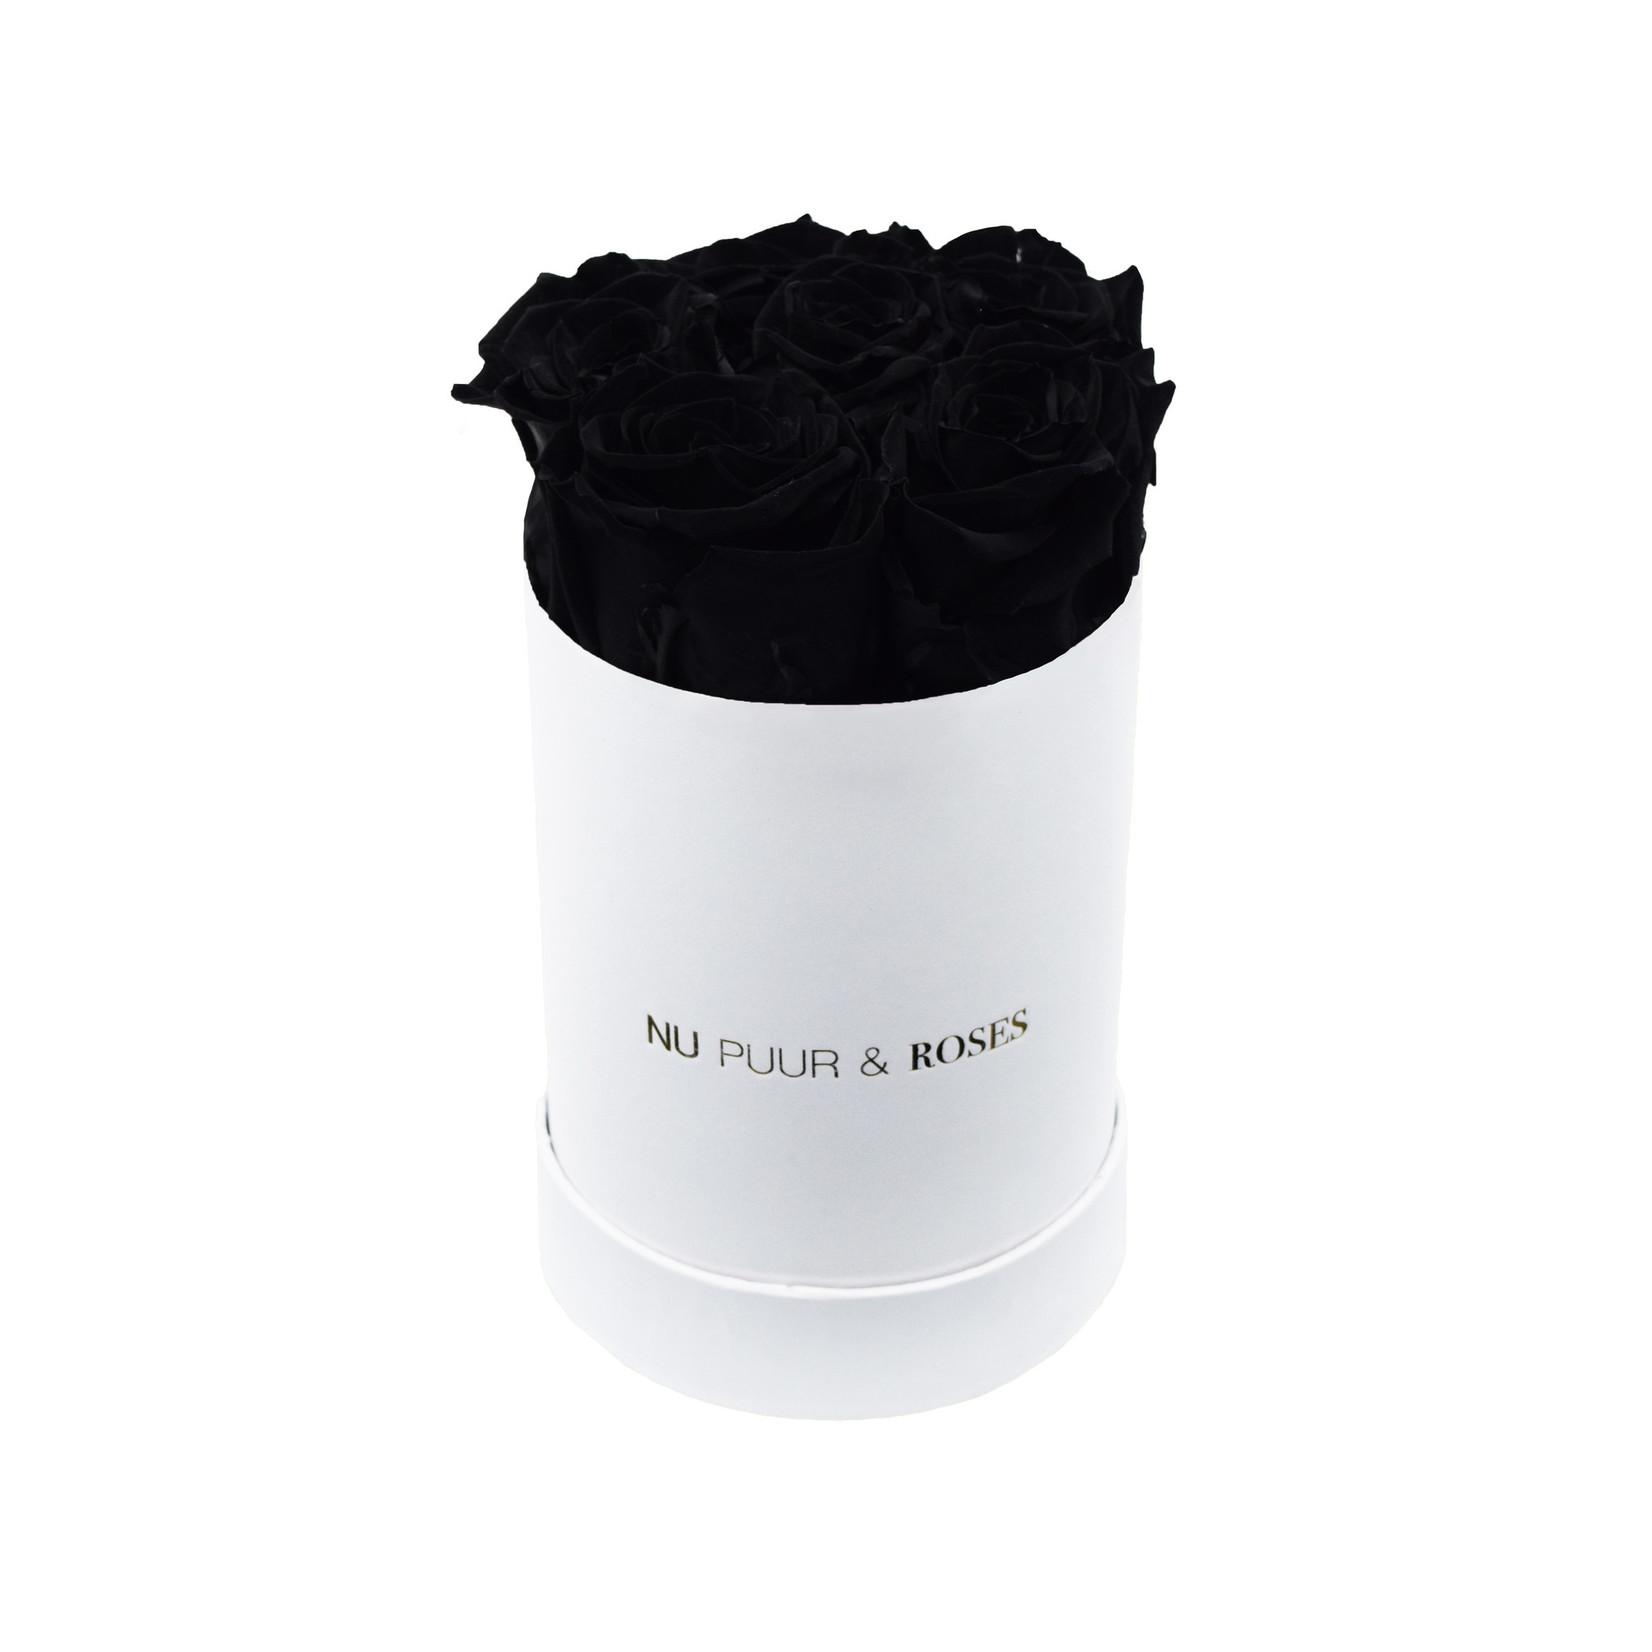 Mini - Black Endless Roses - White Box